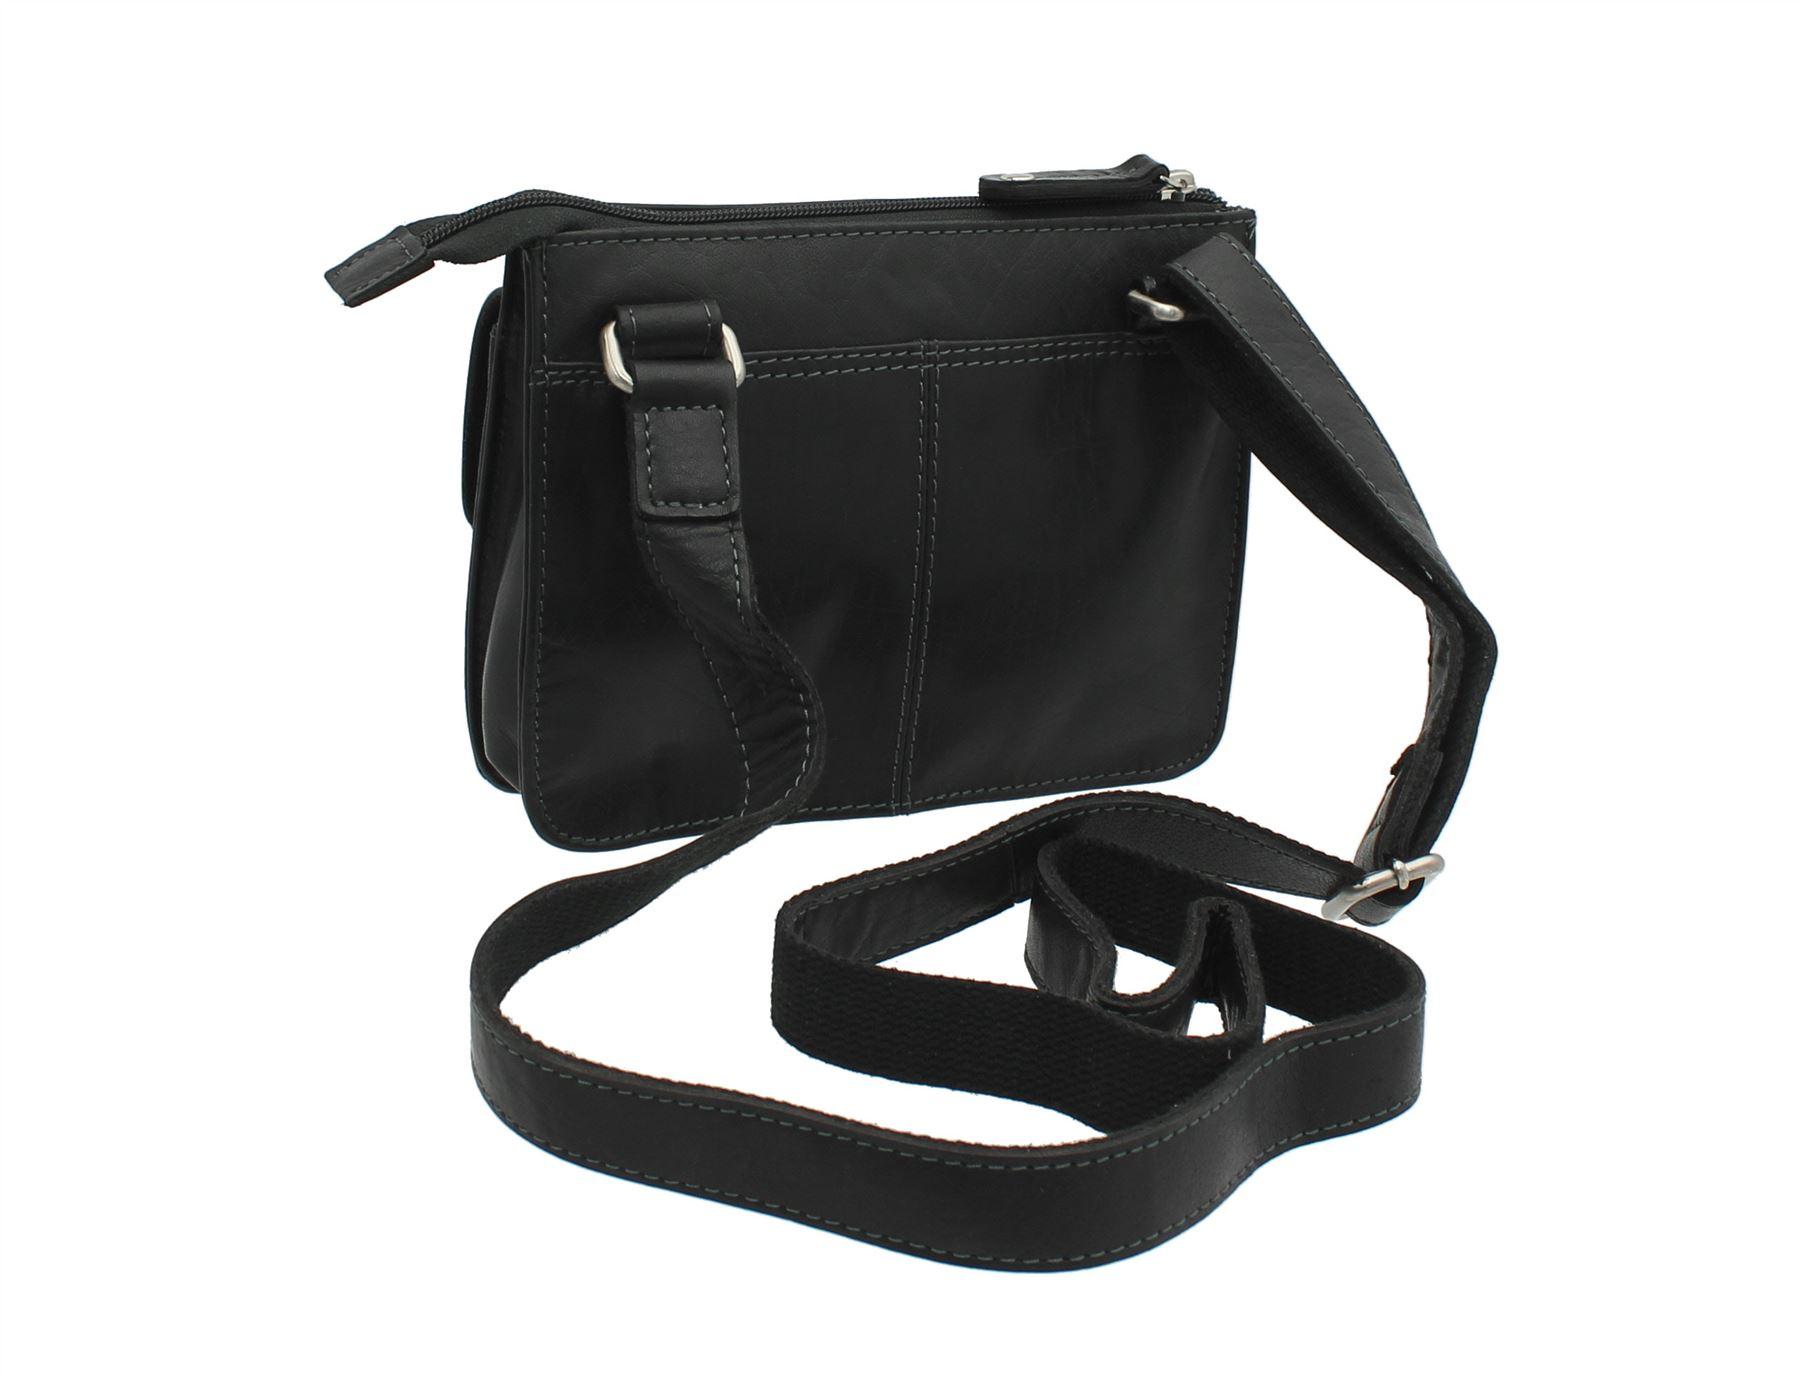 Op tanniet Bollabags Top Messsenger Black brownniet Leather Zip Nap165 Bag Voorraad Compact Voorraad lJ1T3FKc